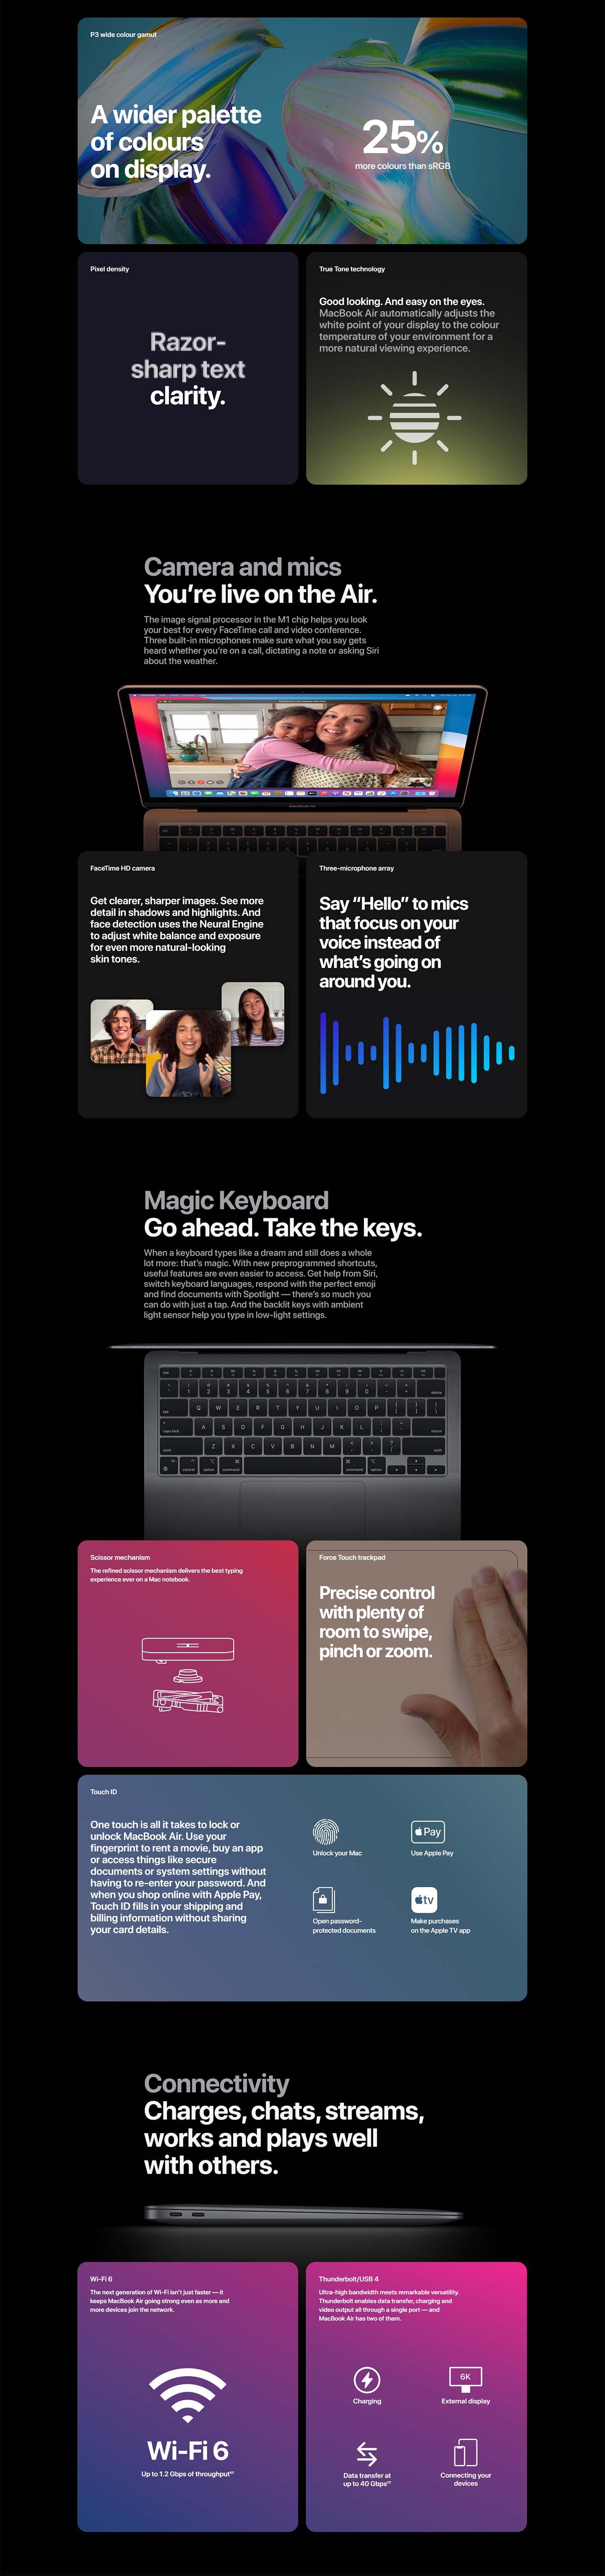 Apple MacBook Air 13in M1 CHIP